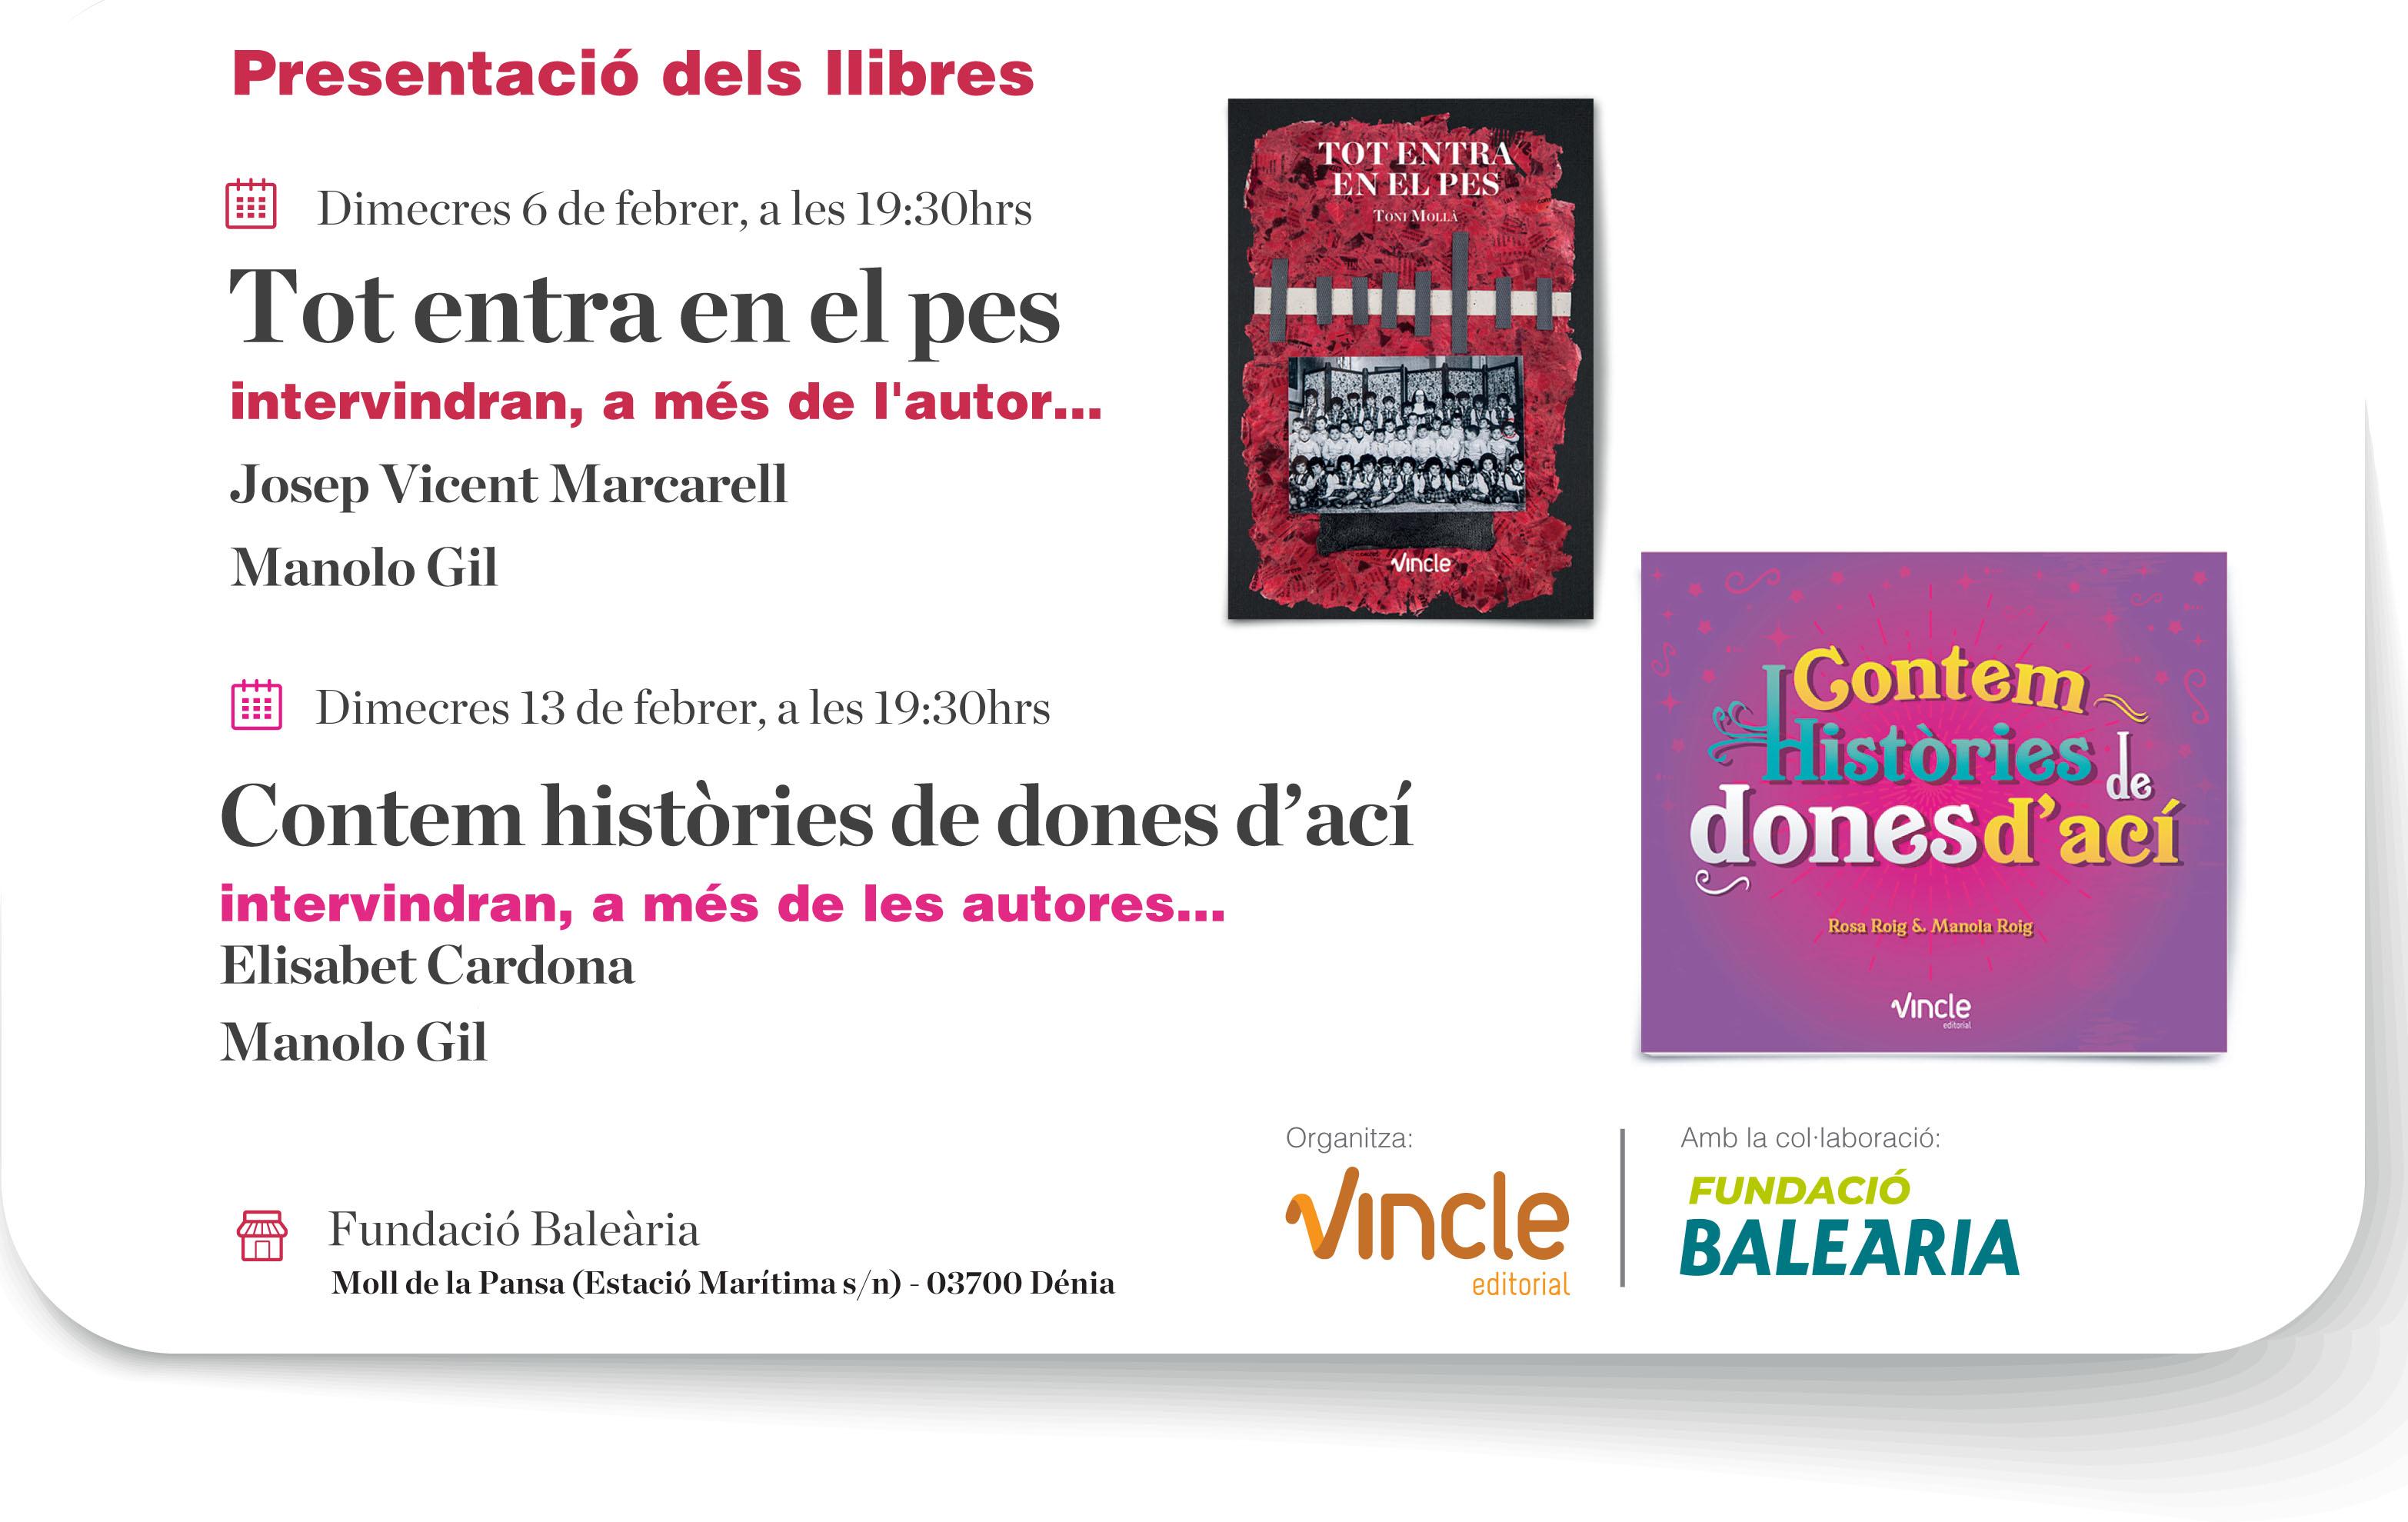 Presentaciones de los libros: 'Tot entra en el pes' y 'Contem històries de dones d'ací'